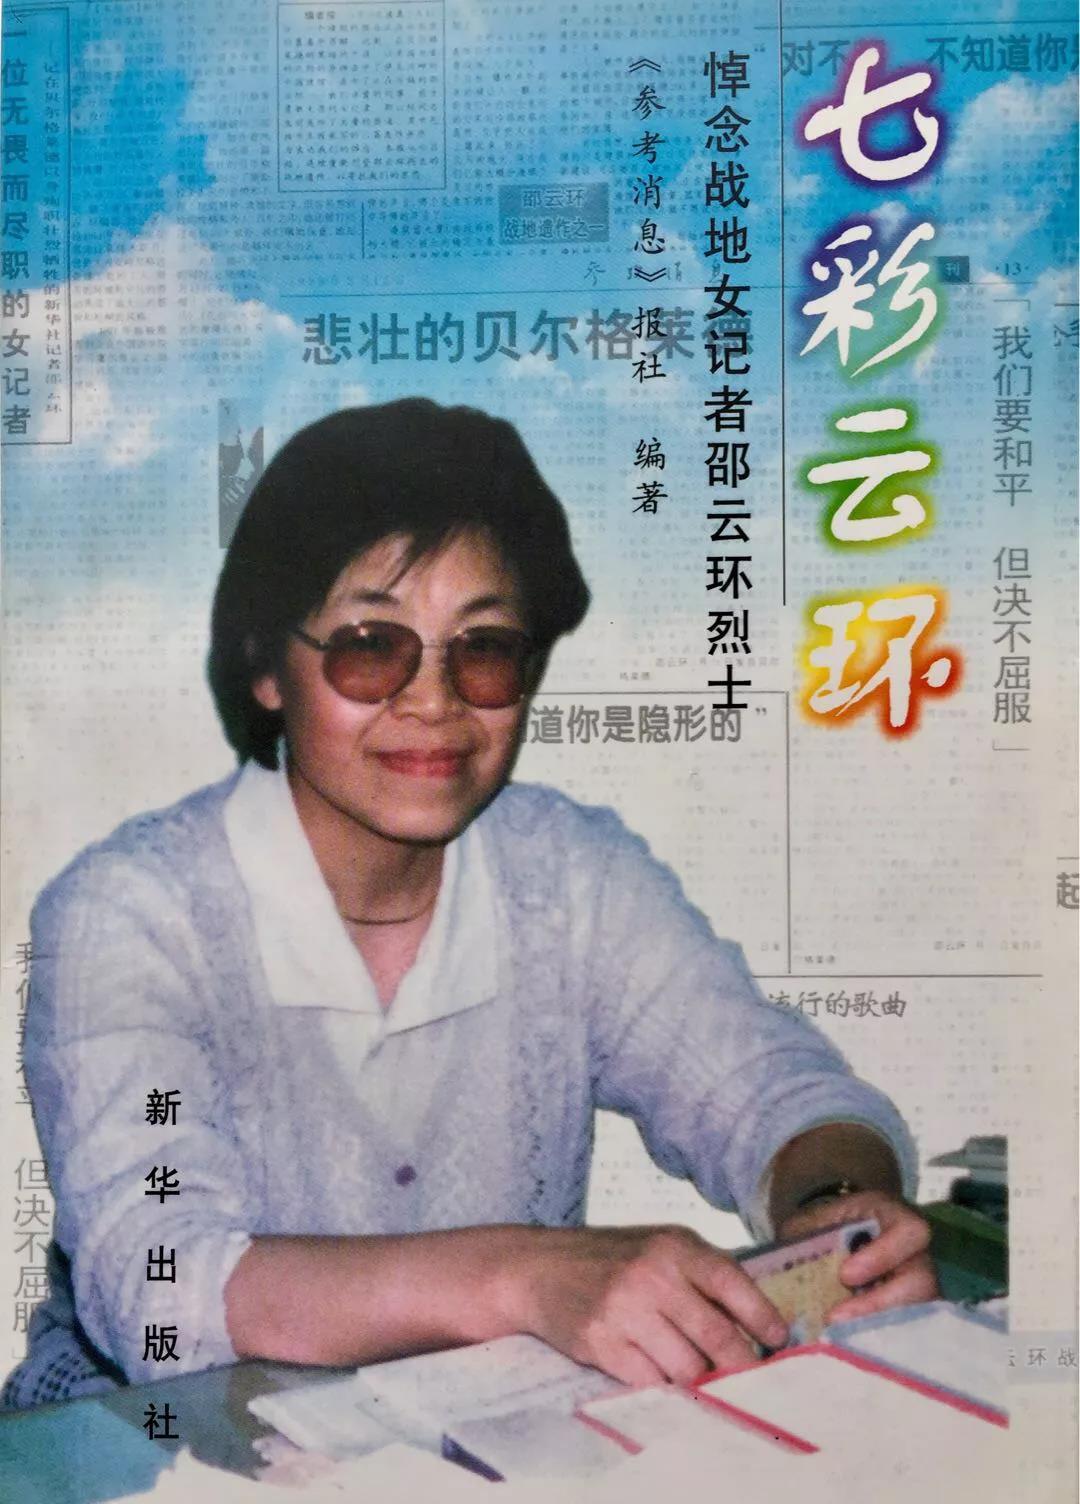 邵云环 :战地记者的历史遗产